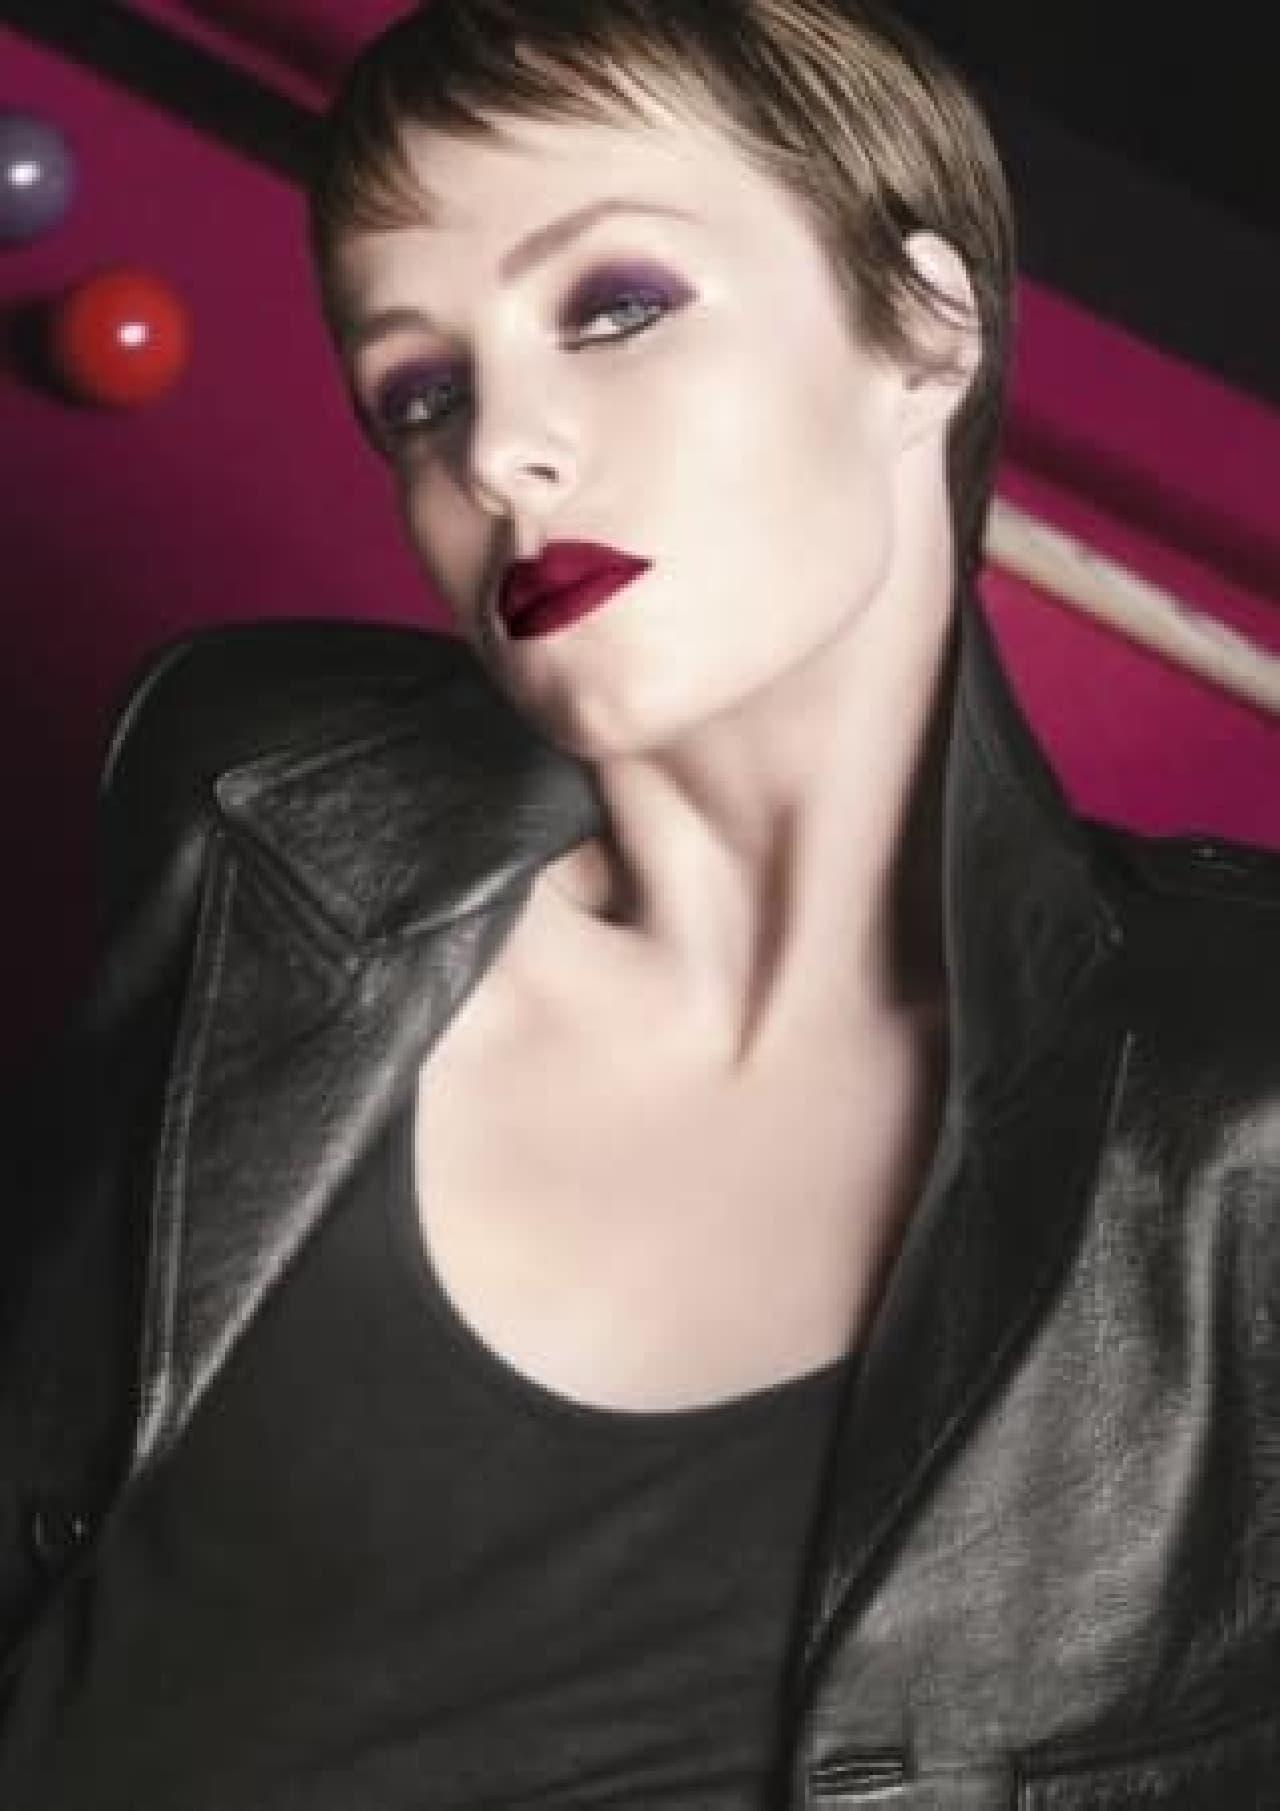 イヴ・サンローラン2019年秋のルック「SEXY TOMBOY(セクシートムボーイ)」でメイクした女性